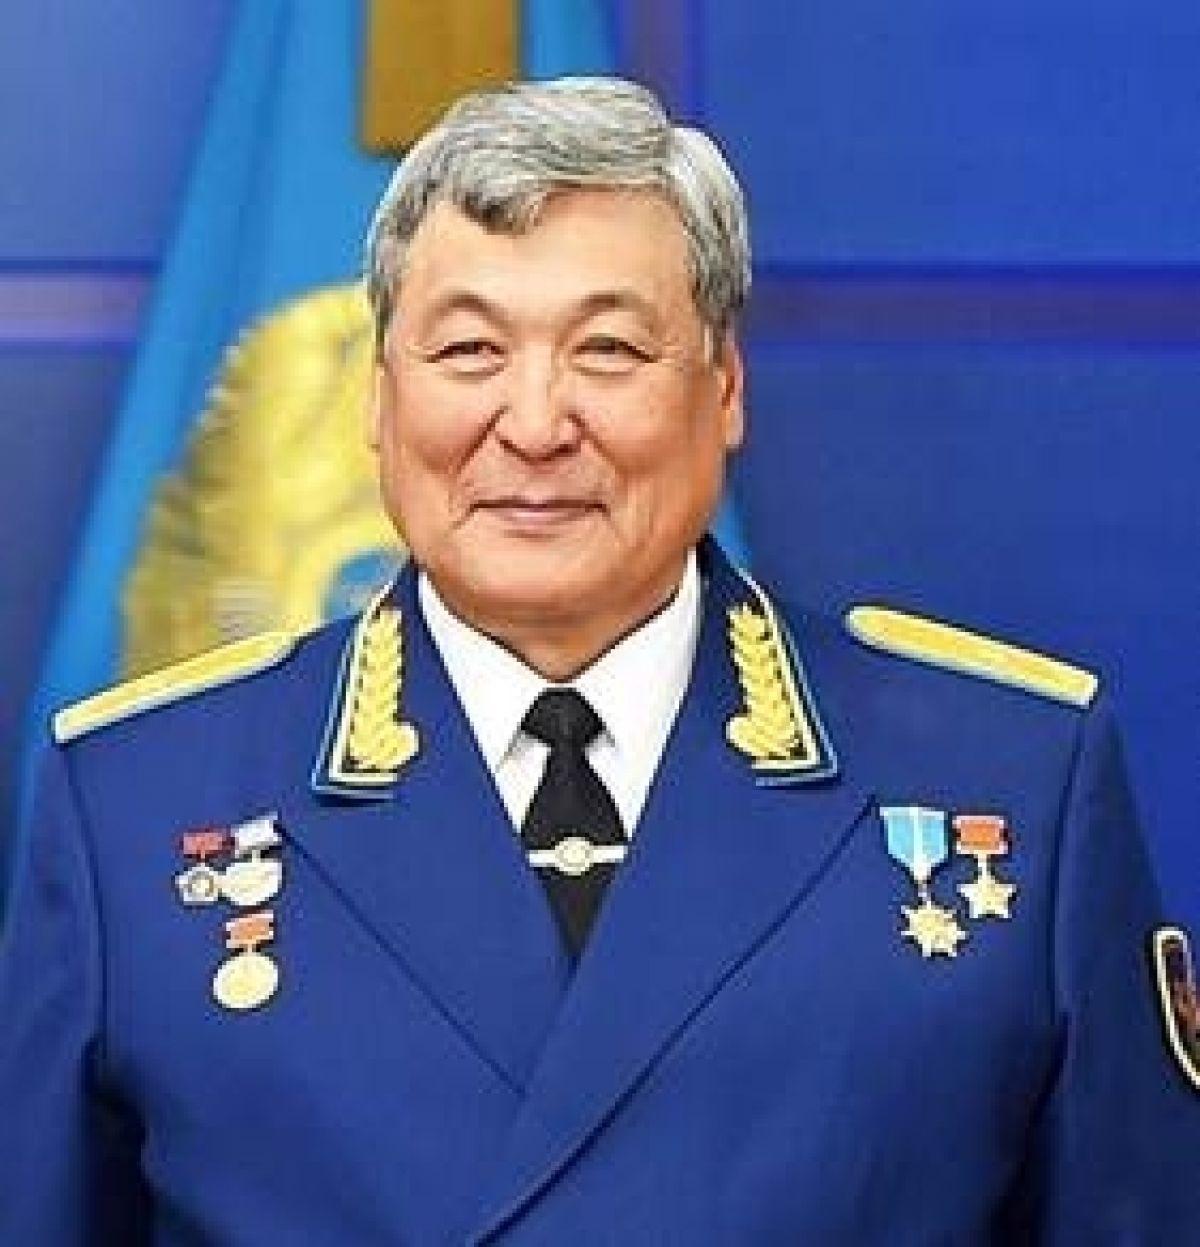 Космонавт из Казахстана стал причиной споров в СМИ, рассказав встрече с пришельцами